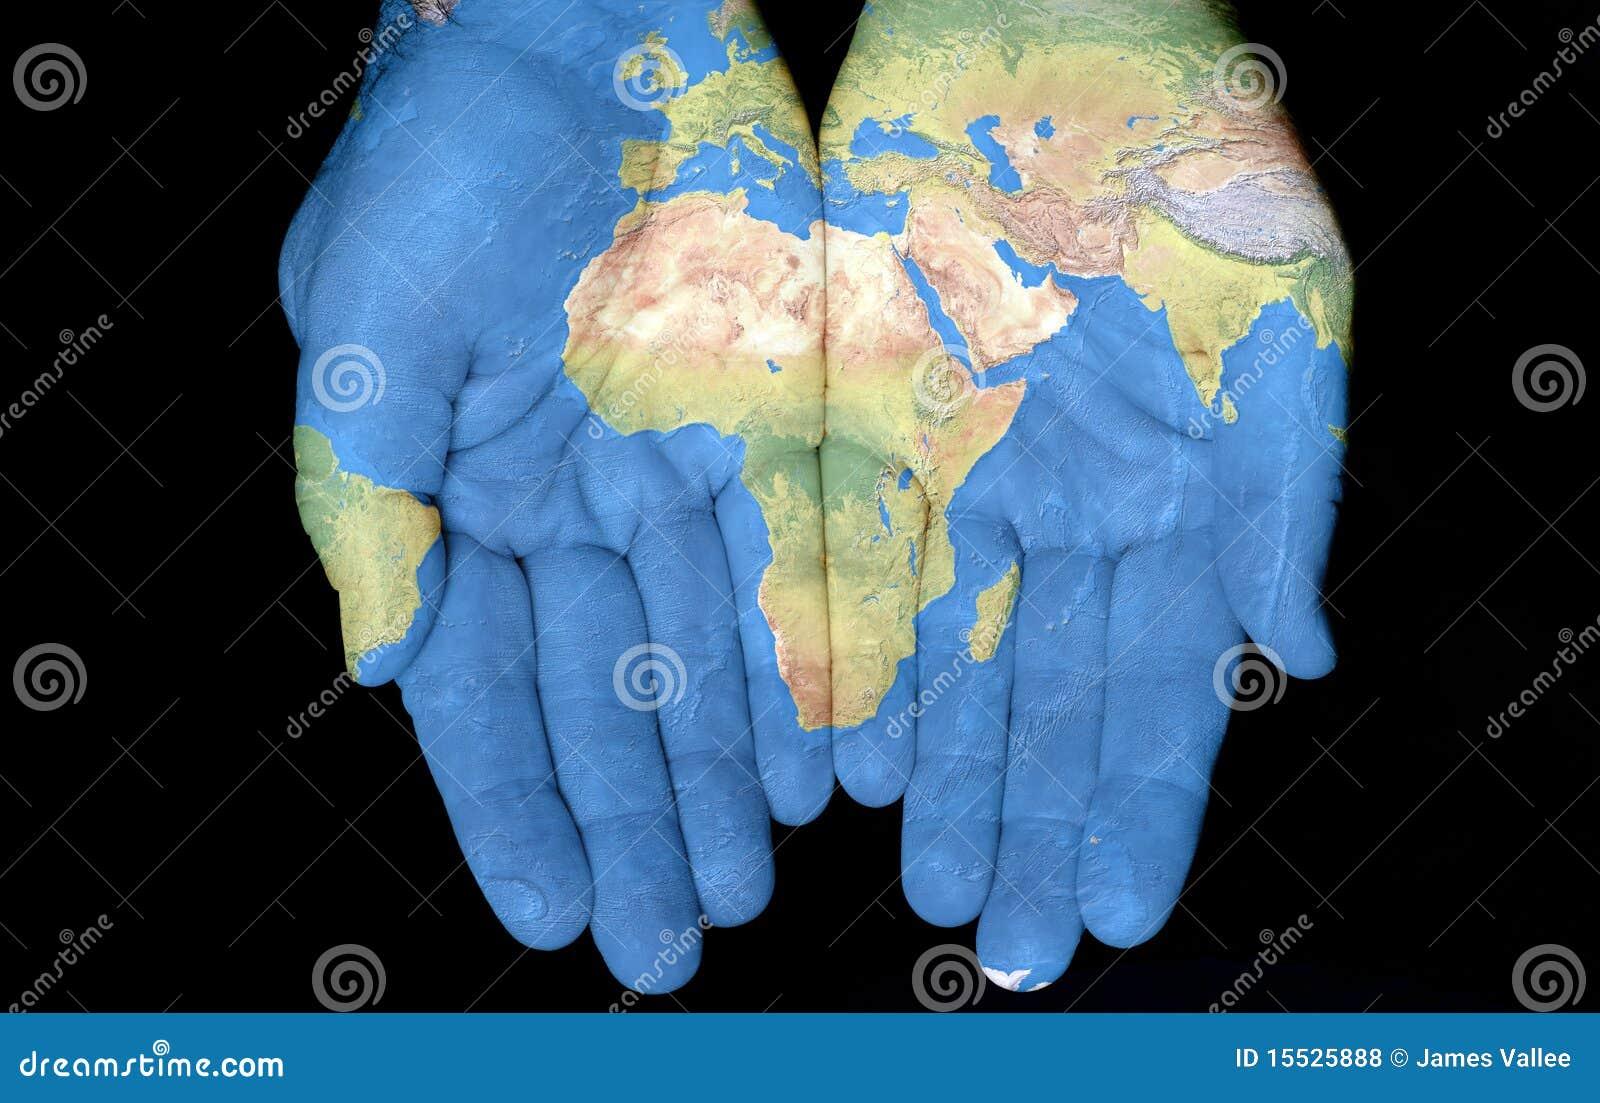 Afrika in unseren Händen